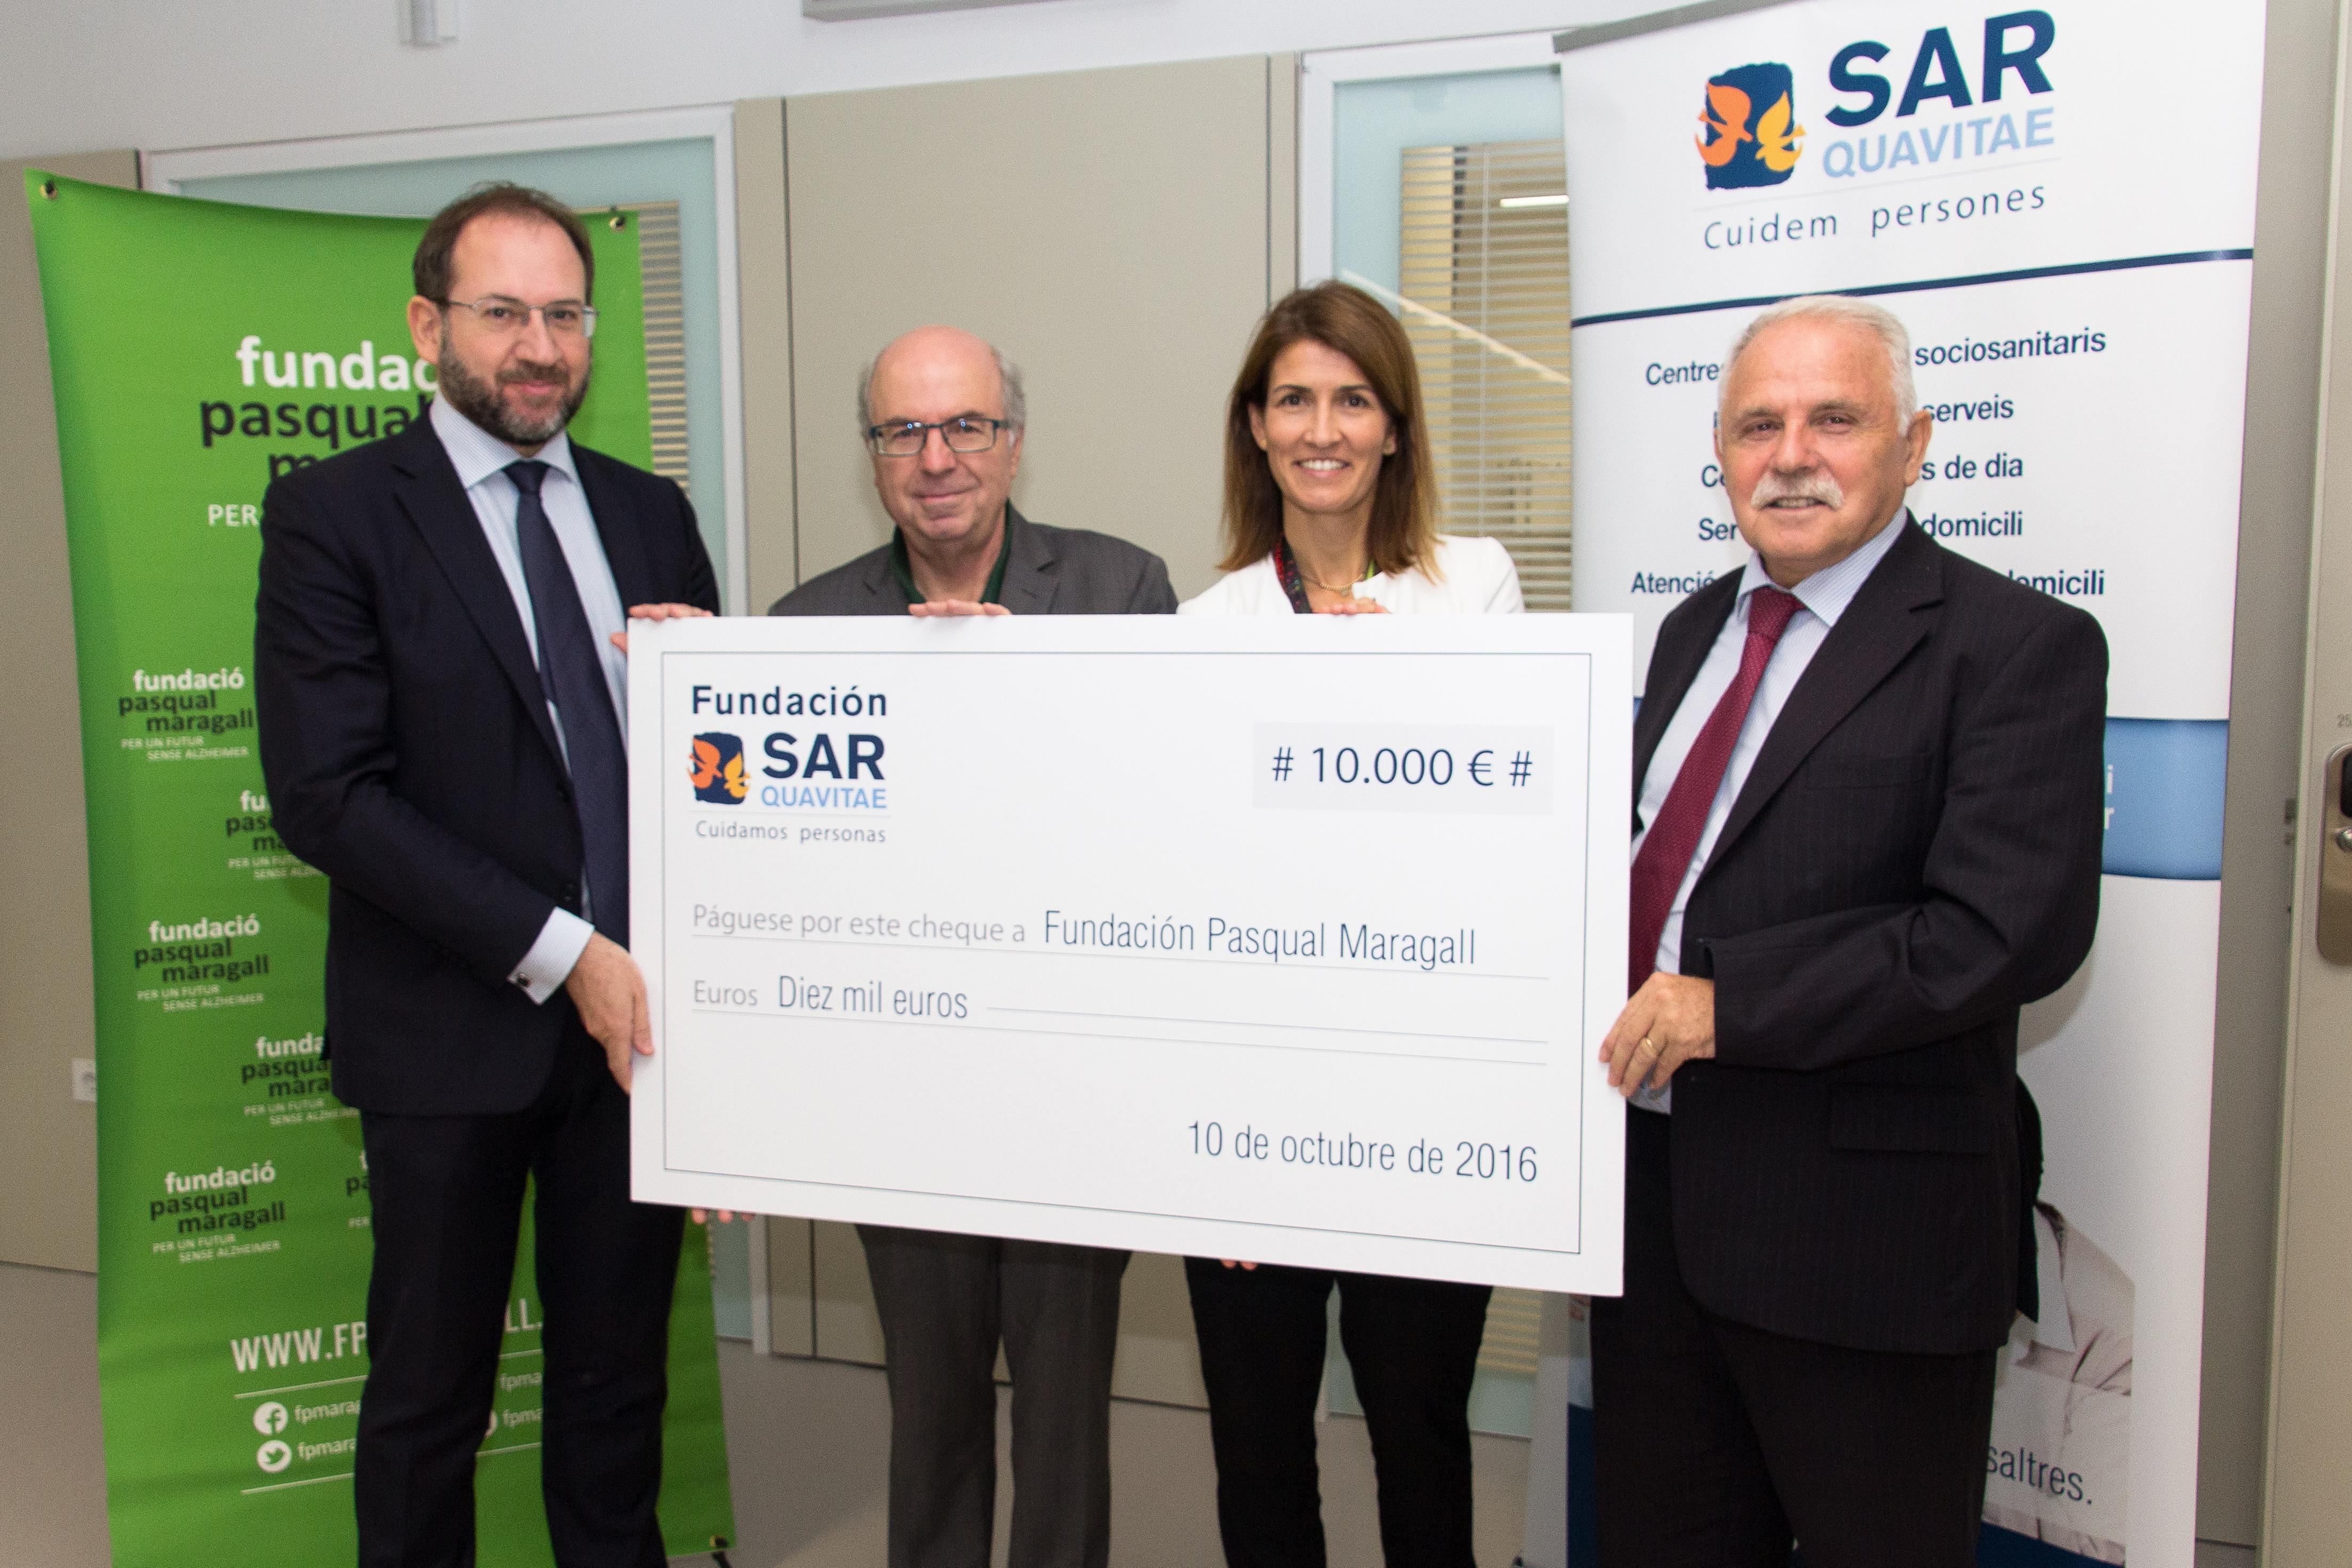 La Fundació SARquavitae dóna 10.000 euros a la Fundación Pasqual Maragall per a la recerca de l'Alzheimer